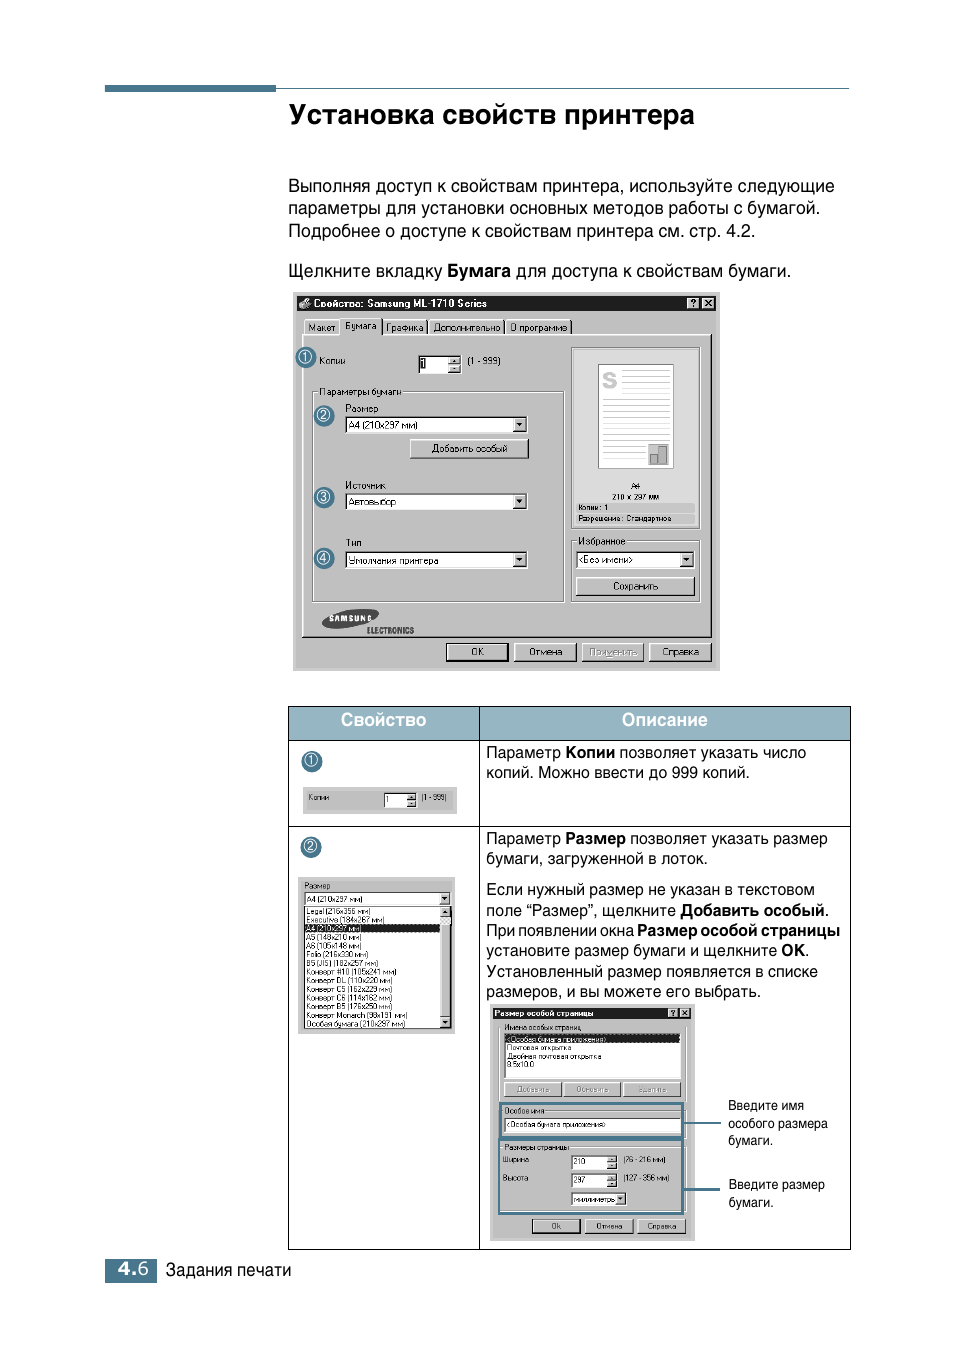 Инструкция принтера samsung clp 310